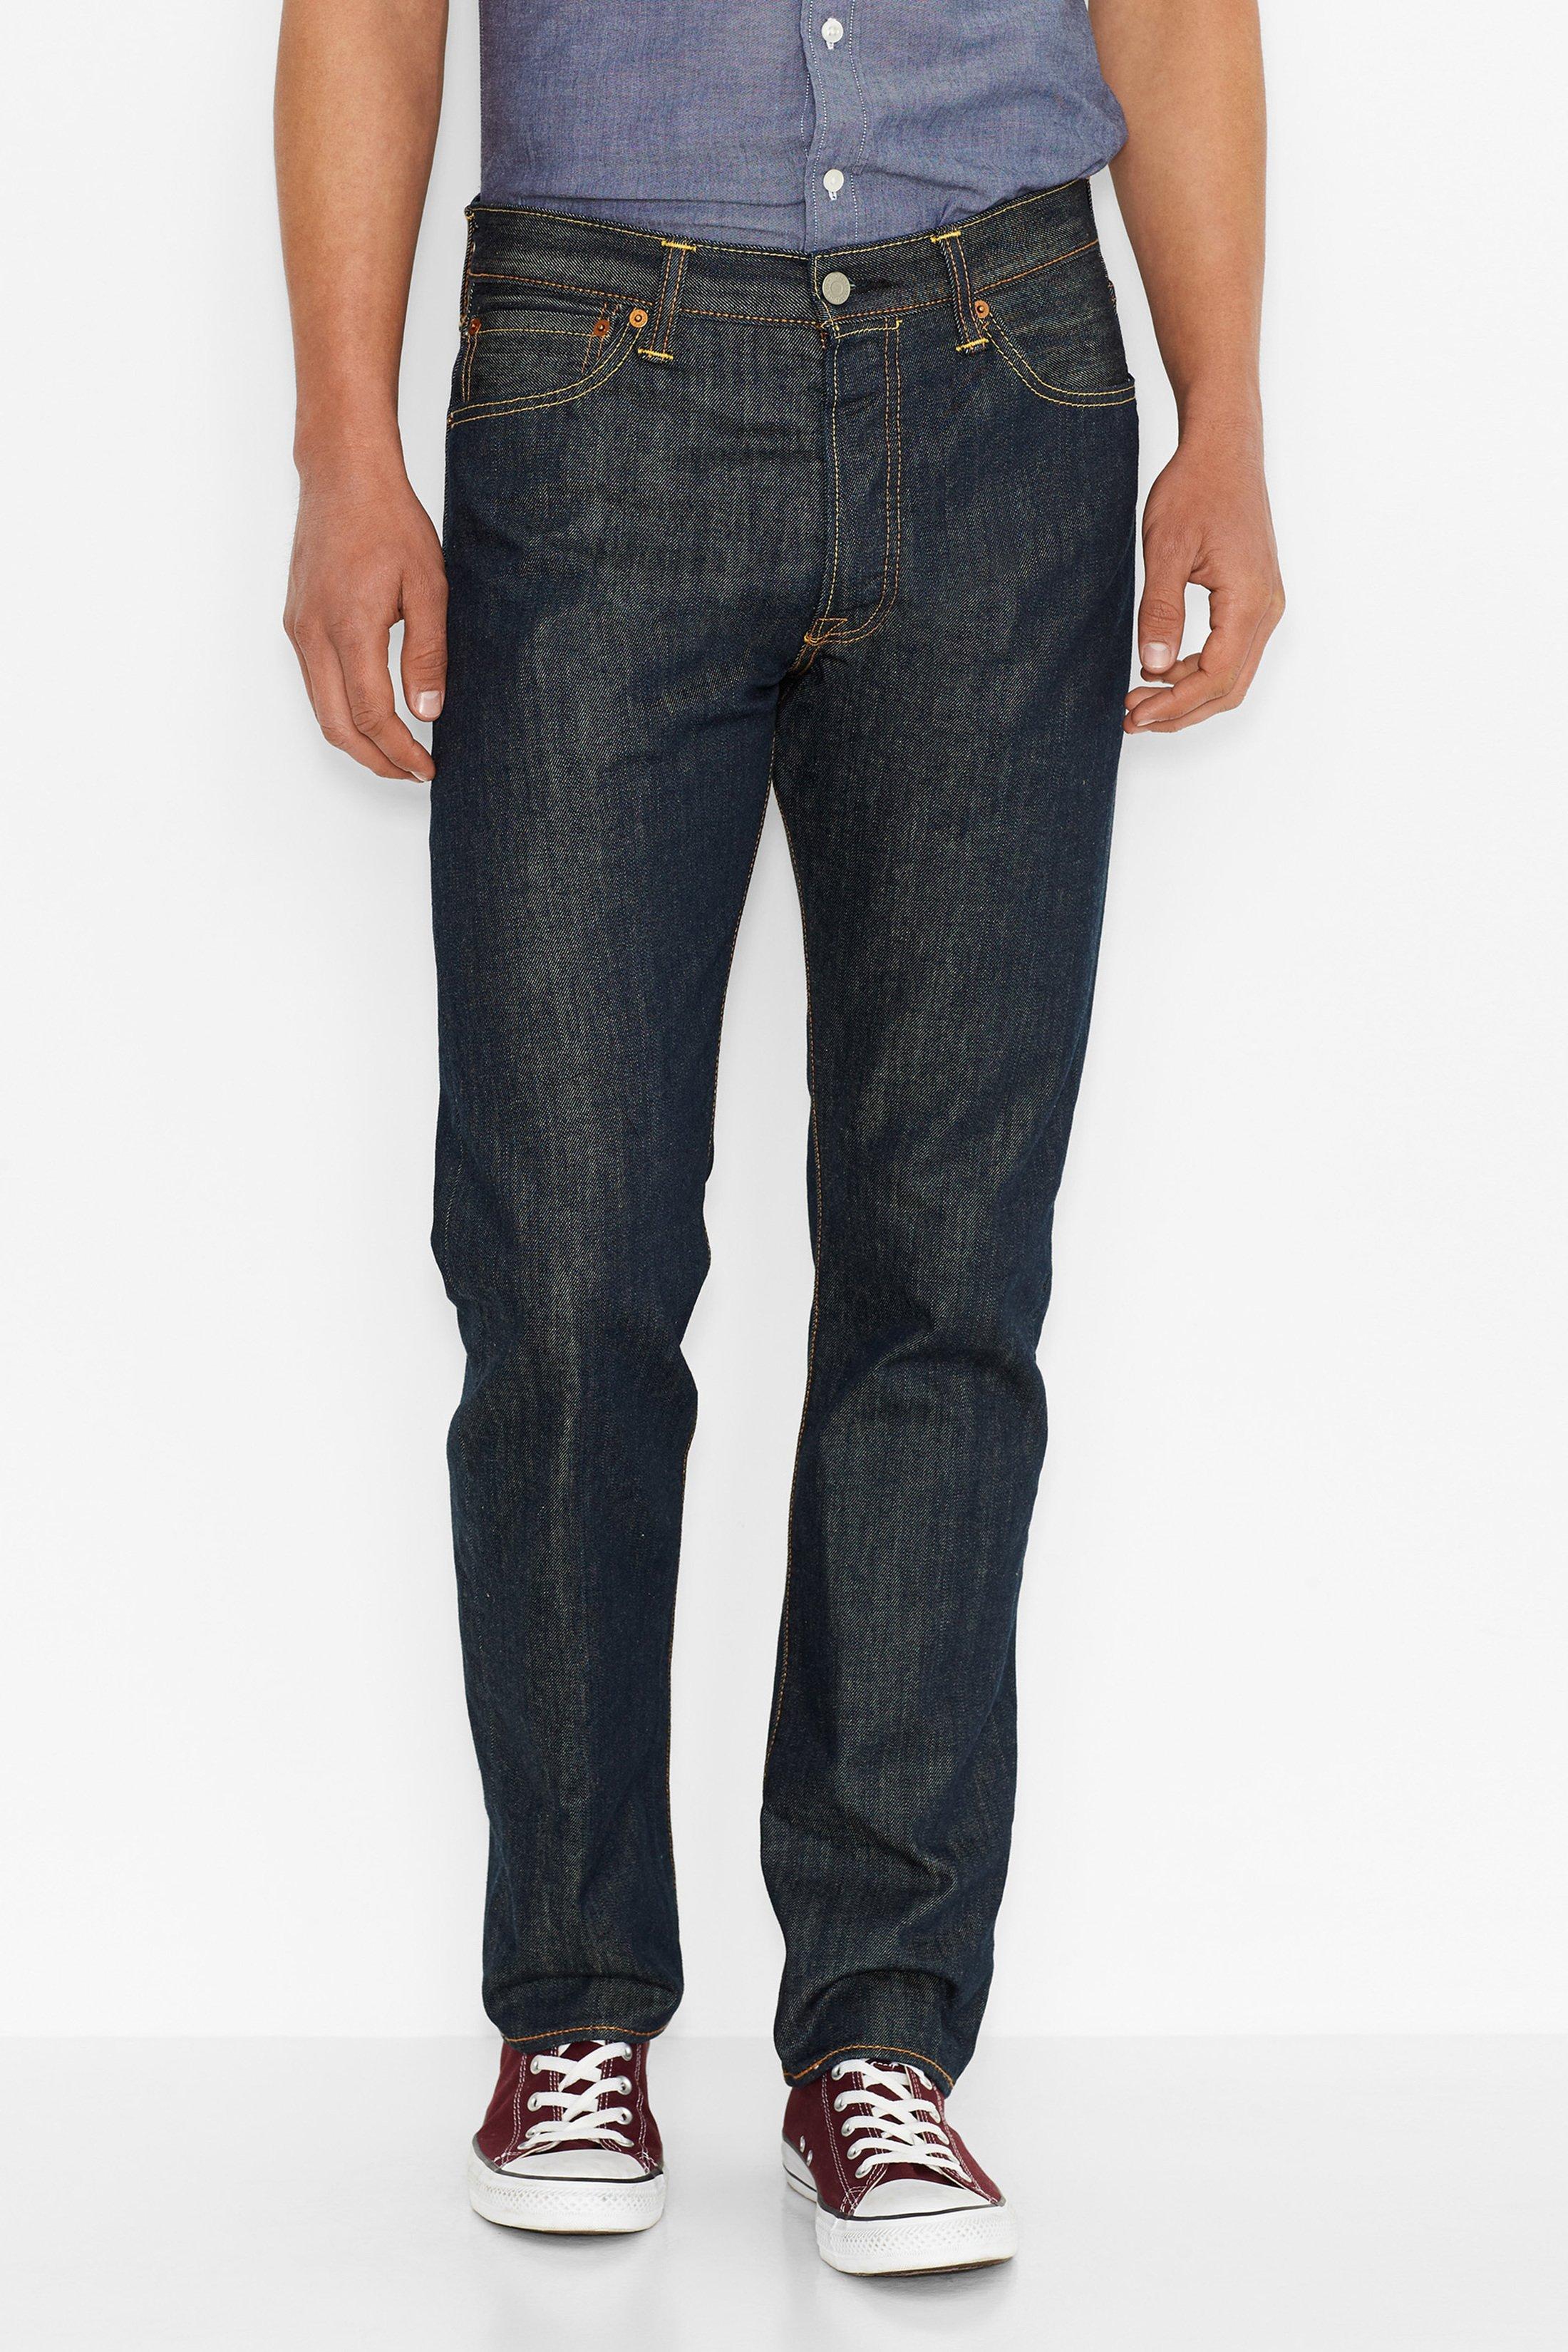 Levi's Jeans 501 Original Fit 0162 foto 4